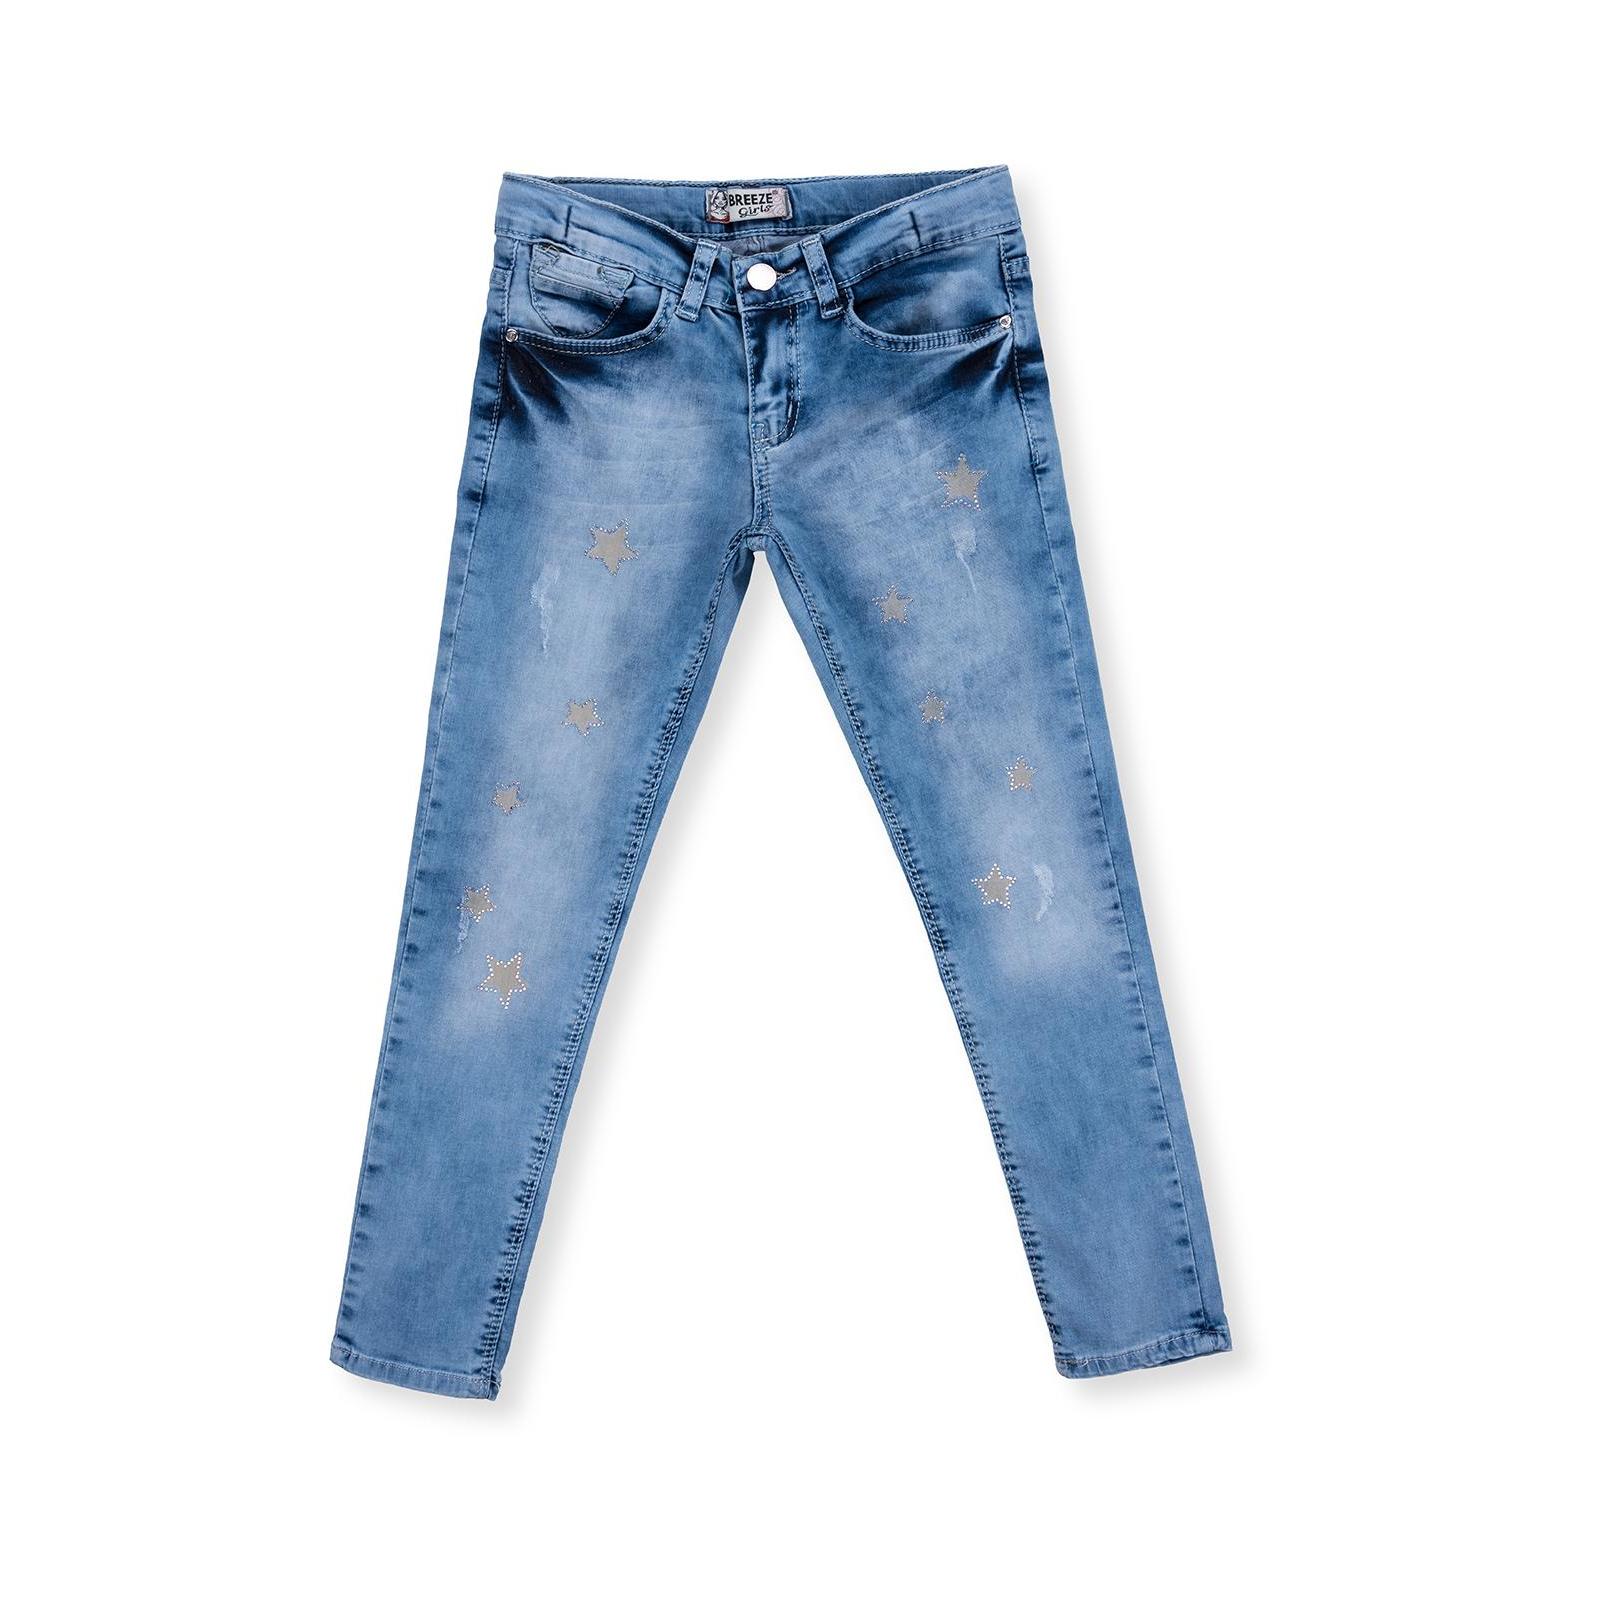 Джинсы Breeze со звездочками (20109-116G-blue)